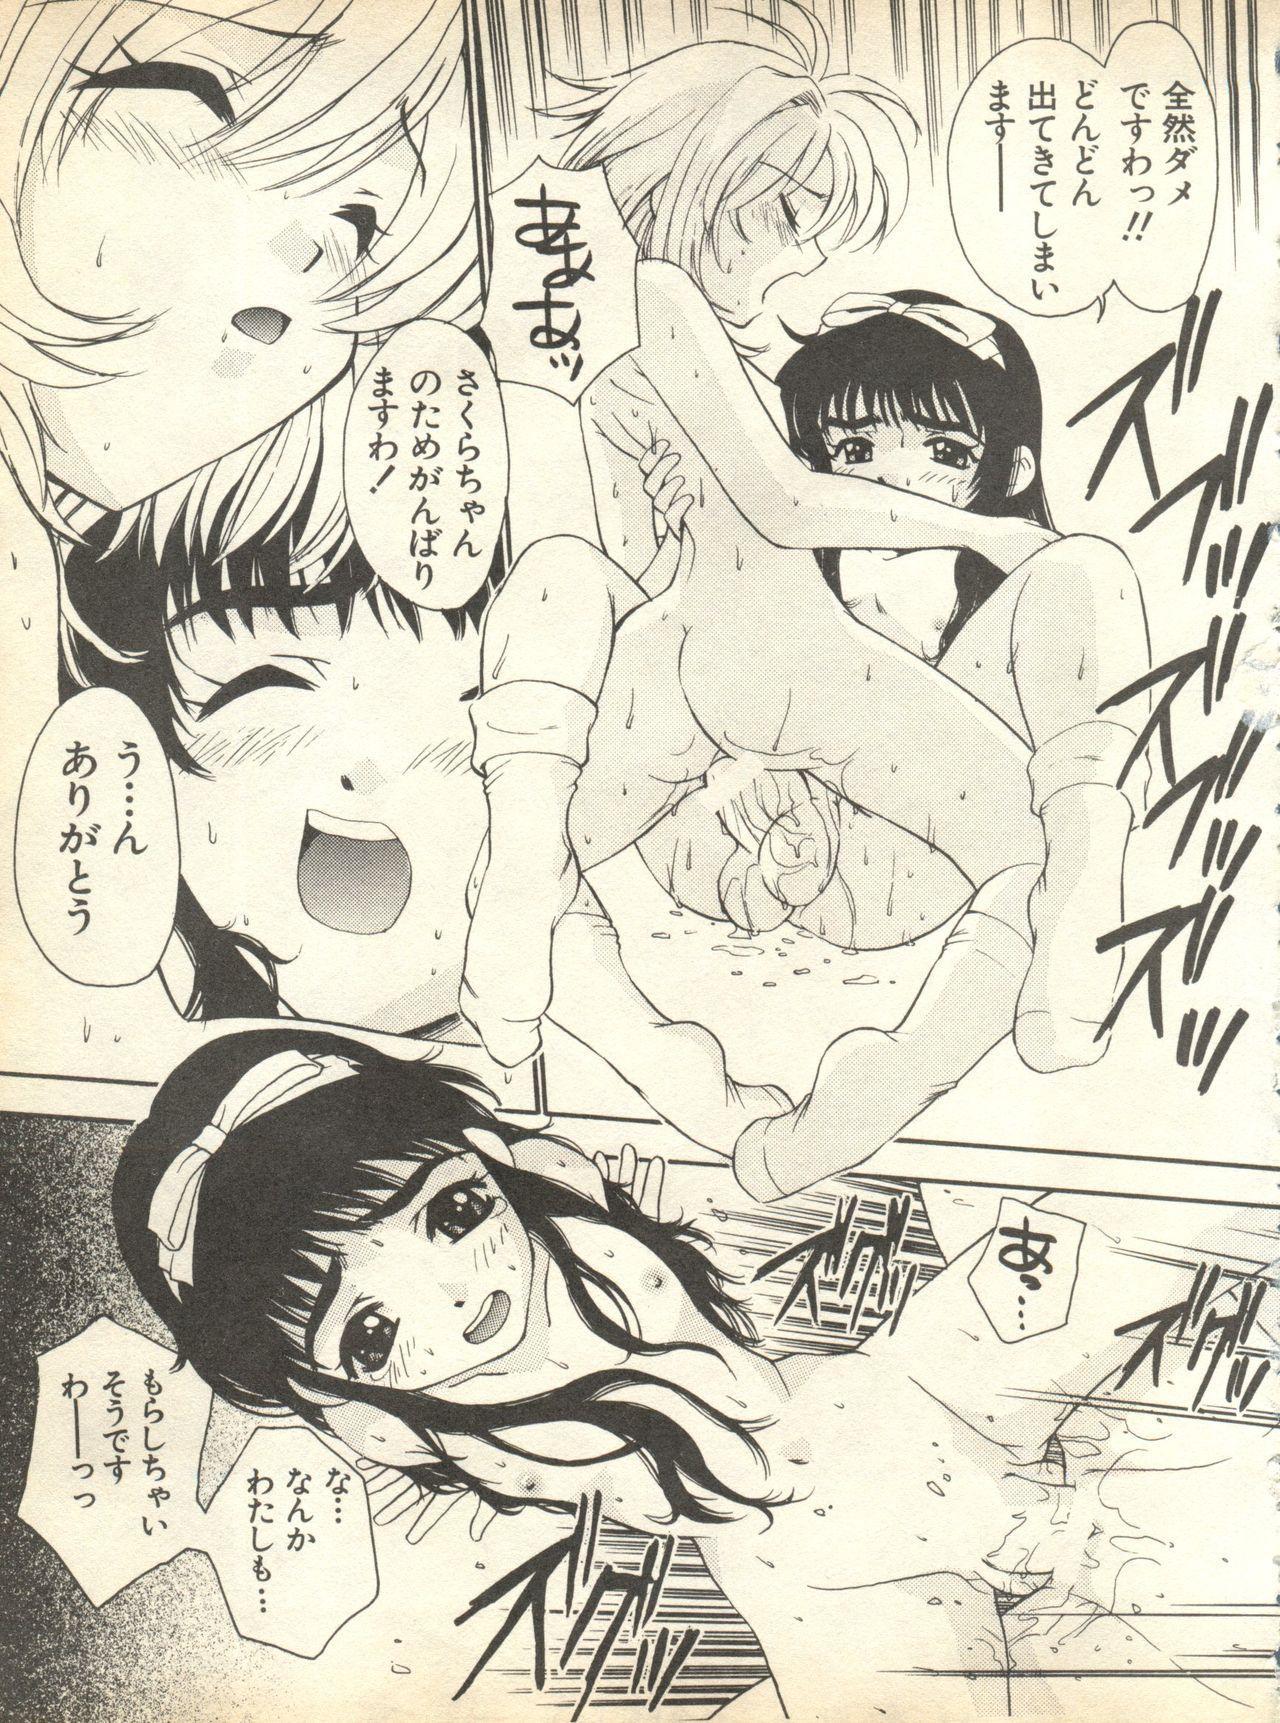 Pai;kuu 1998 October Vol. 13 140